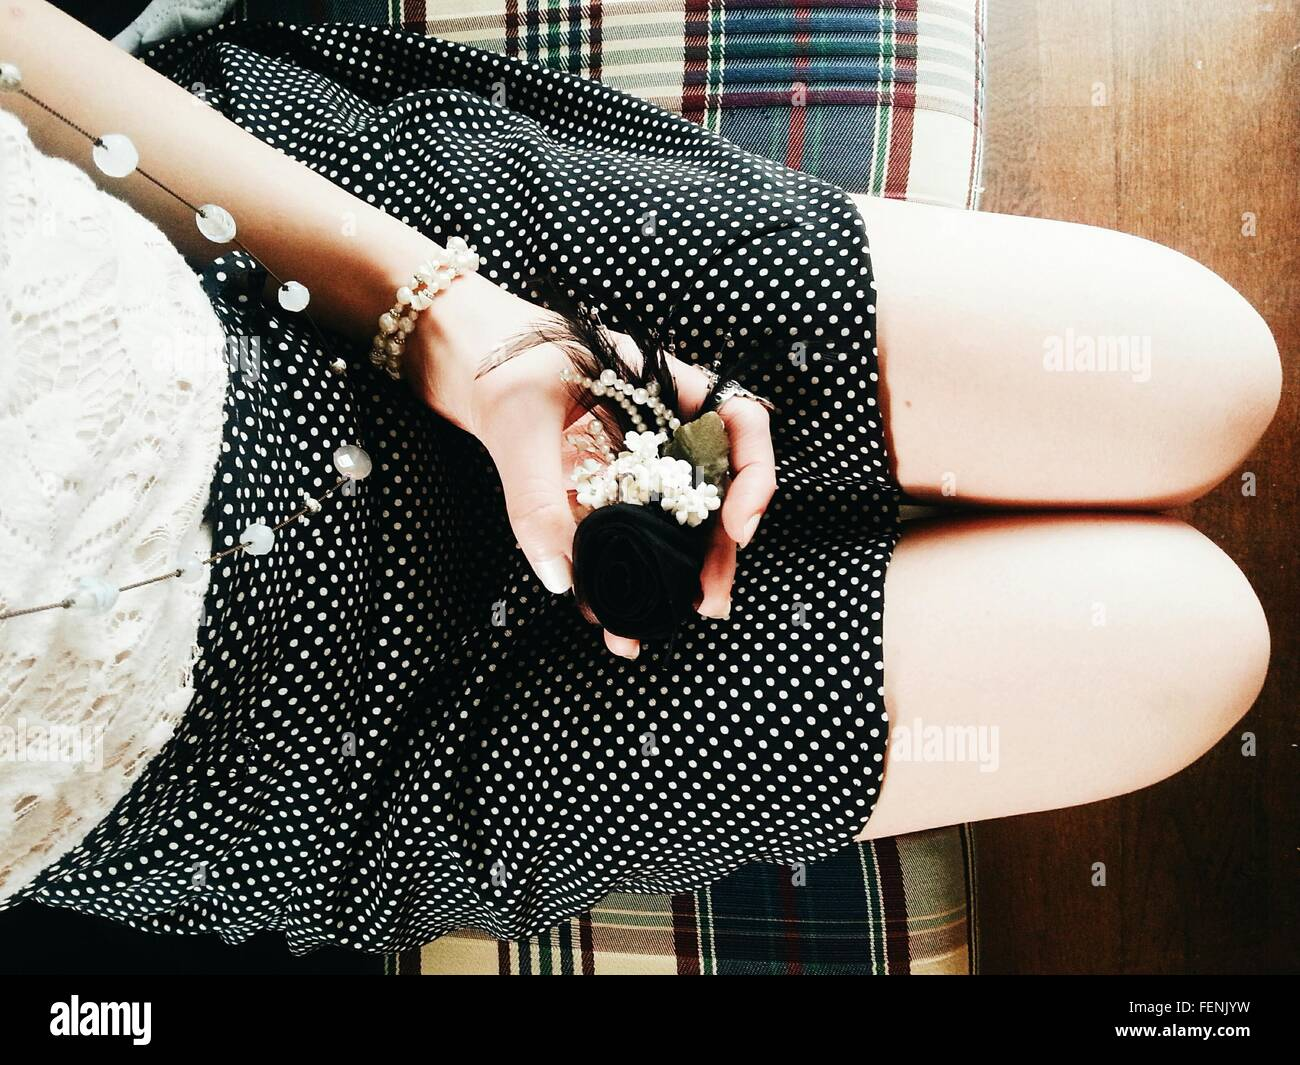 Mittelteil Frau mit Ornament sitzend auf Sofa Stockbild